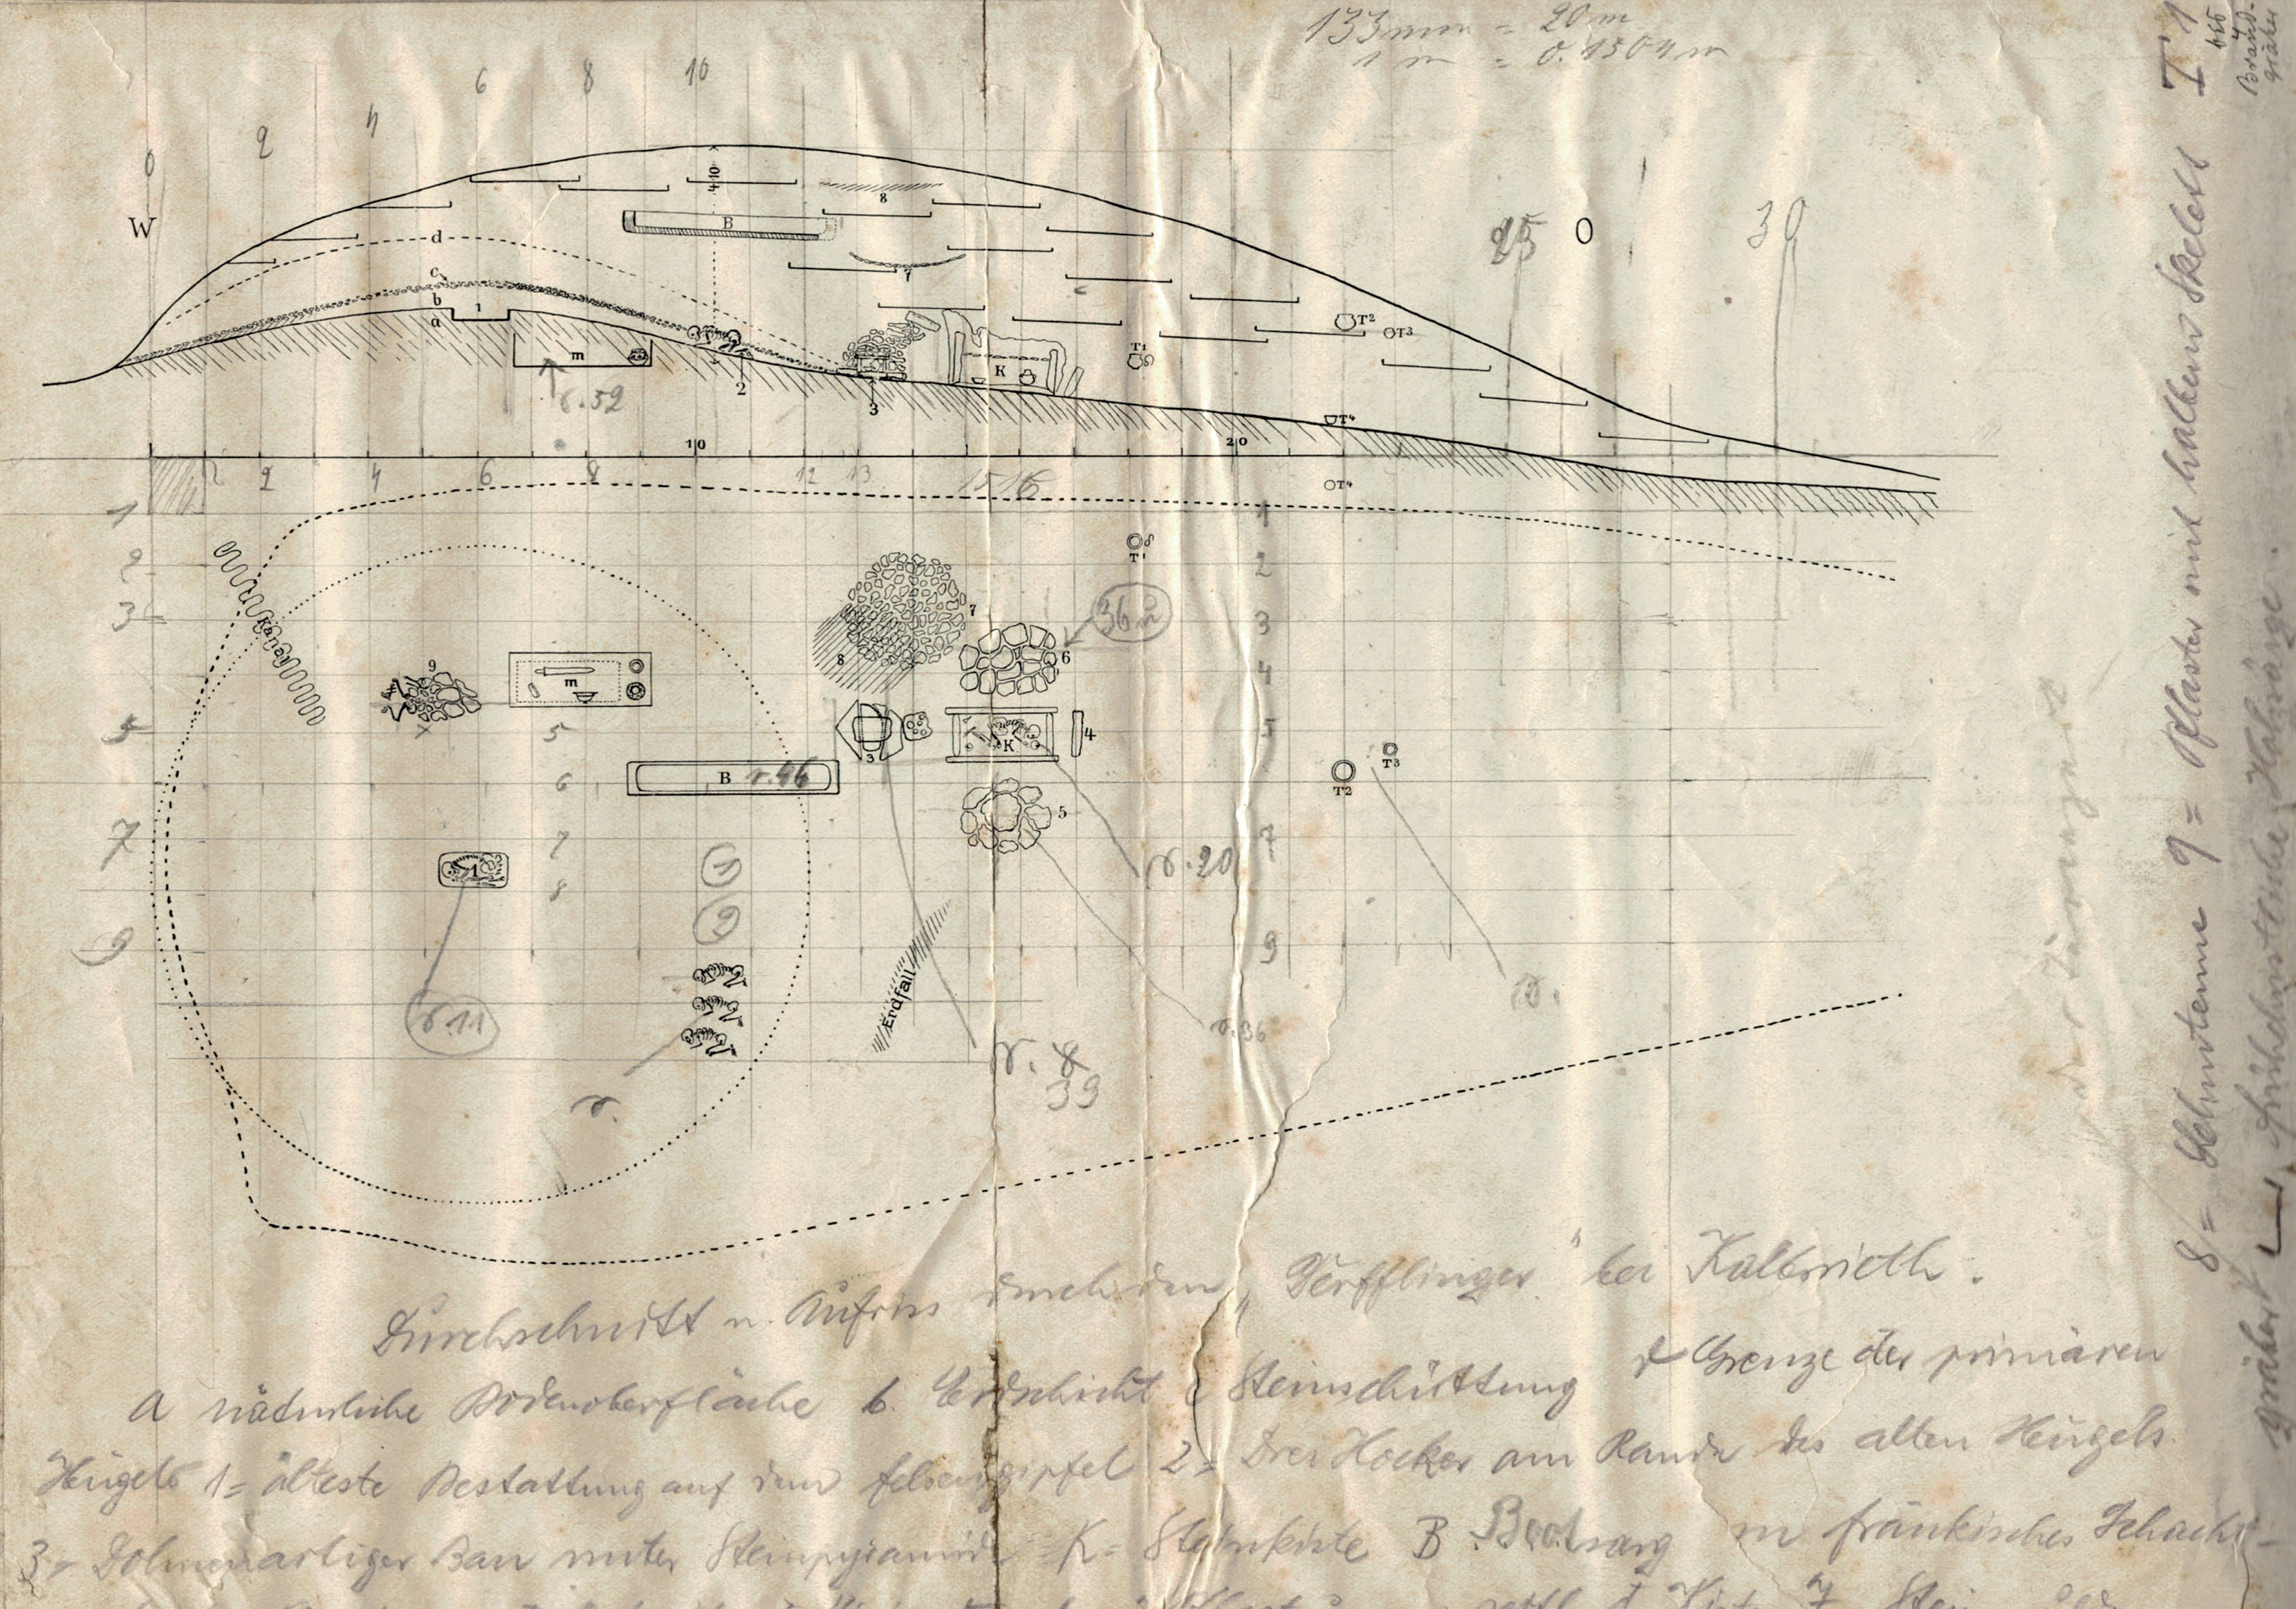 Gedruckter Plan, der den Grundriss und Aufbau eines Großgrabhügels zeigt mit handschriftlichen Ergänzungen